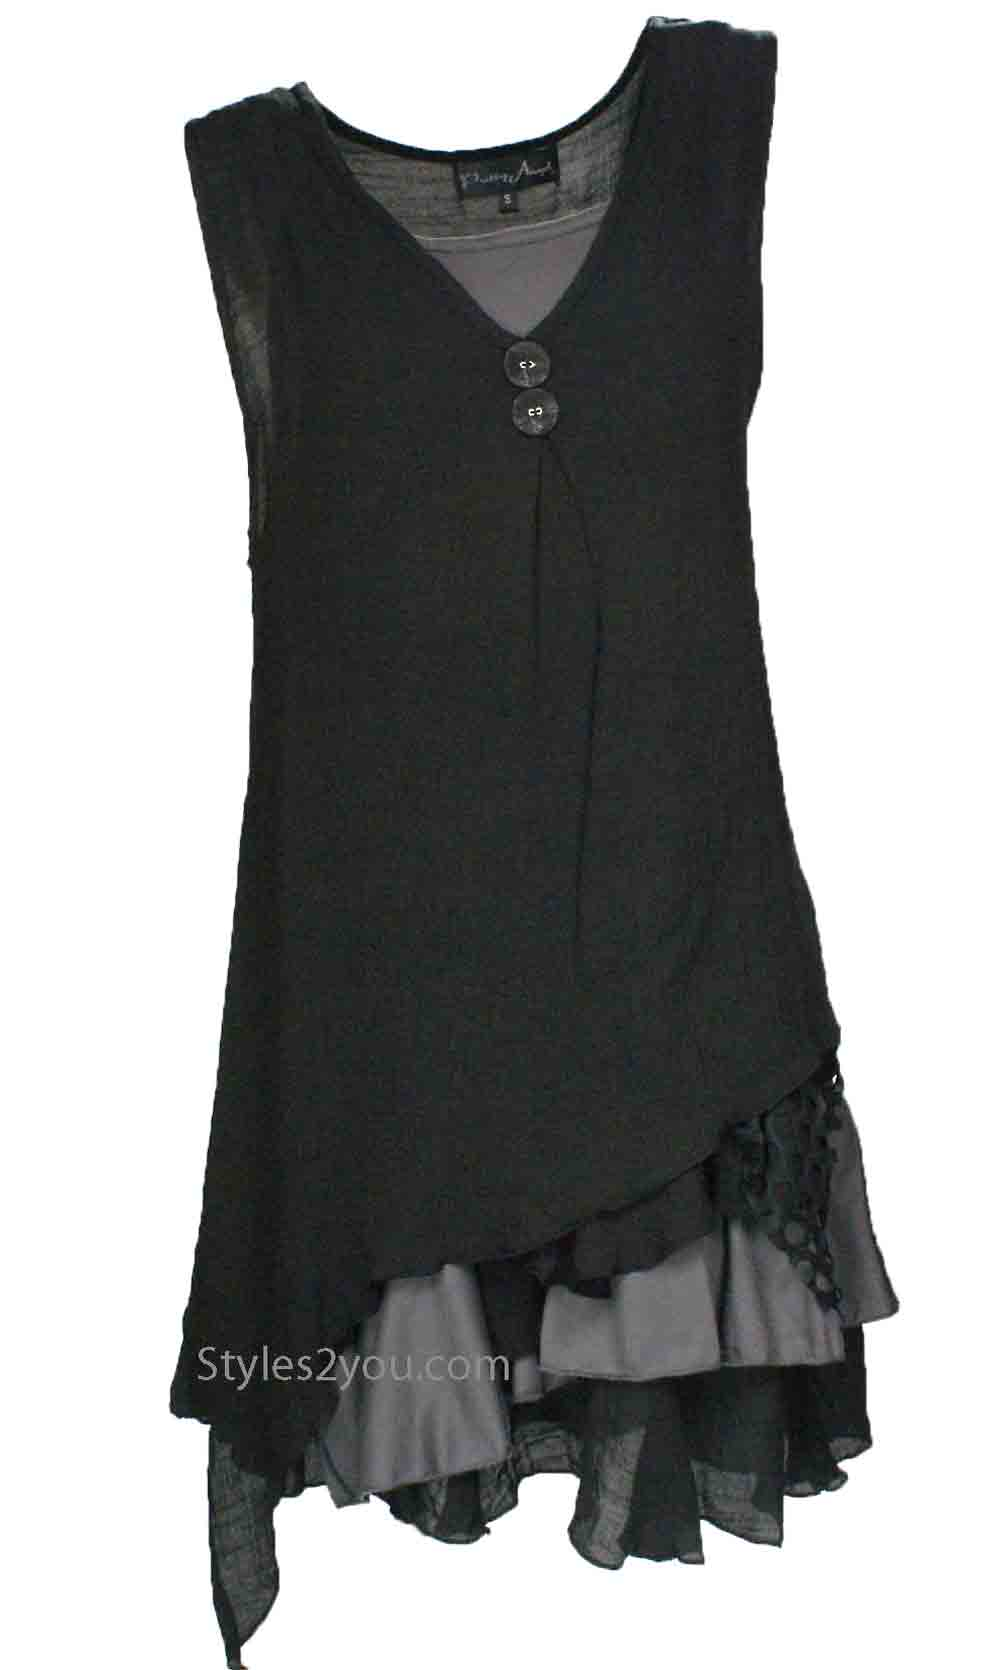 d8616be5288 Colette Ladies Bohemian Retro Two Piece Knit Shirt Dress Black ...